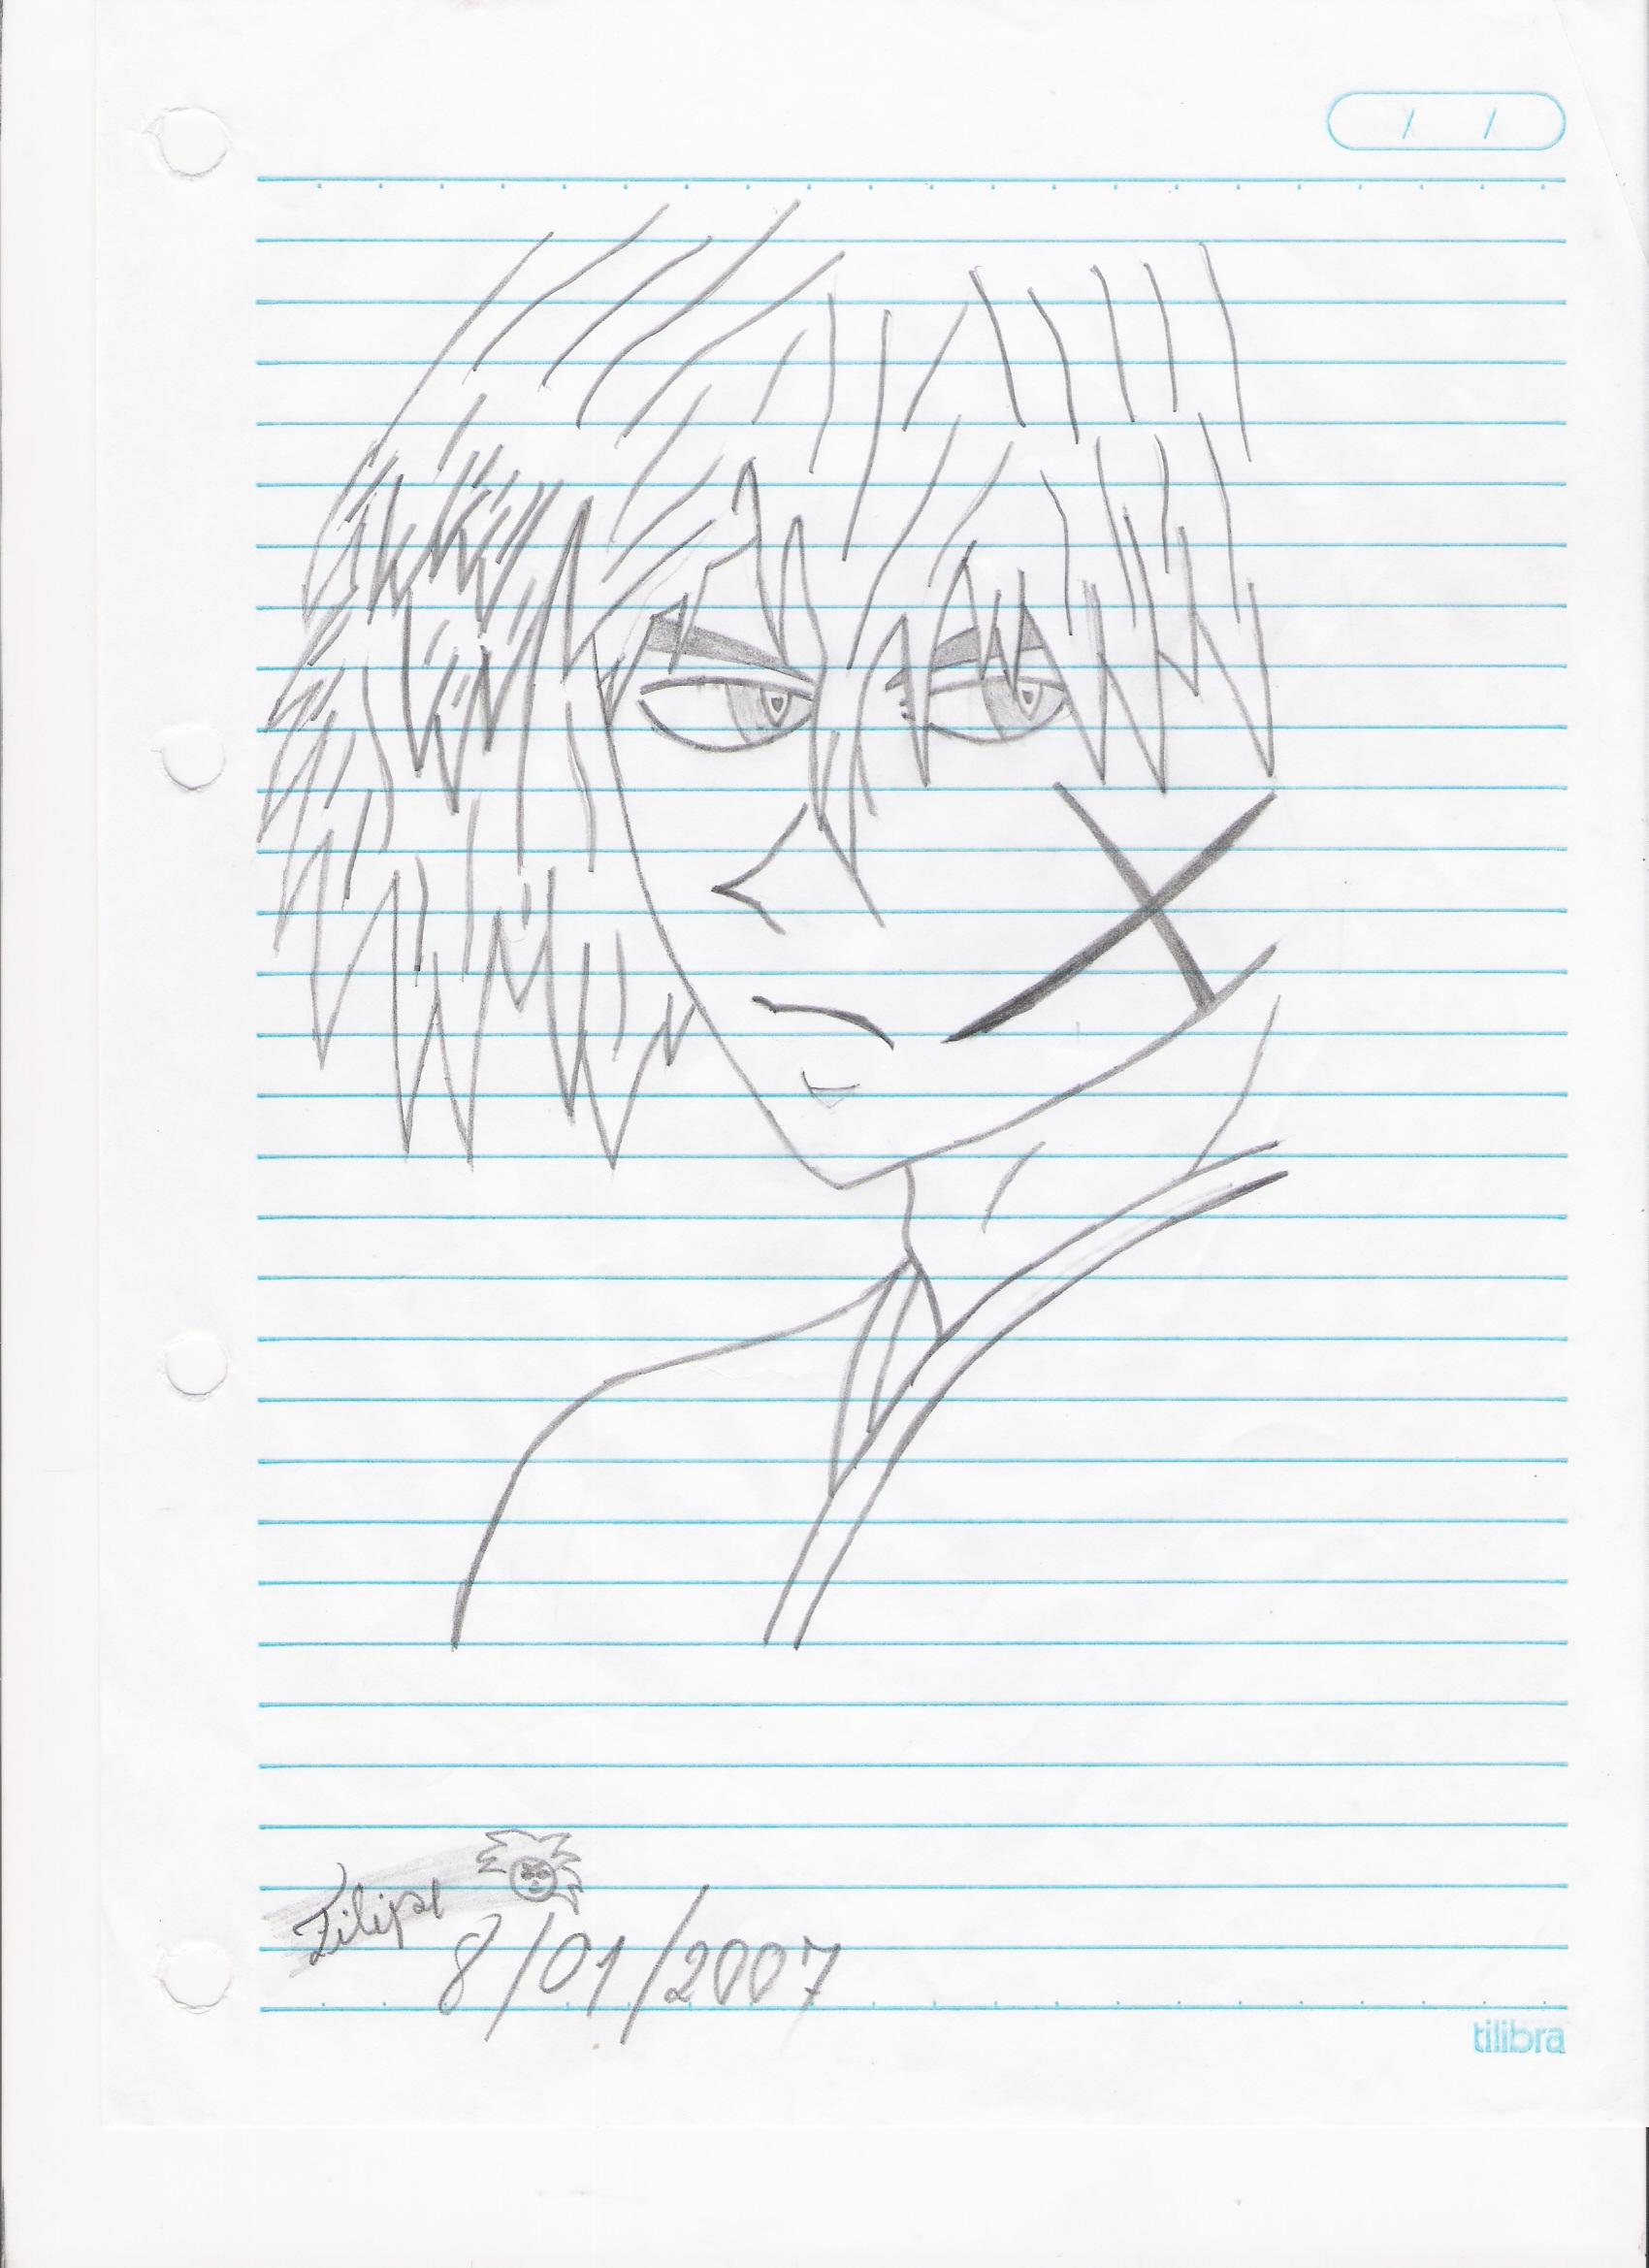 Rurouni Kenshin Drawing By Fils Fil089